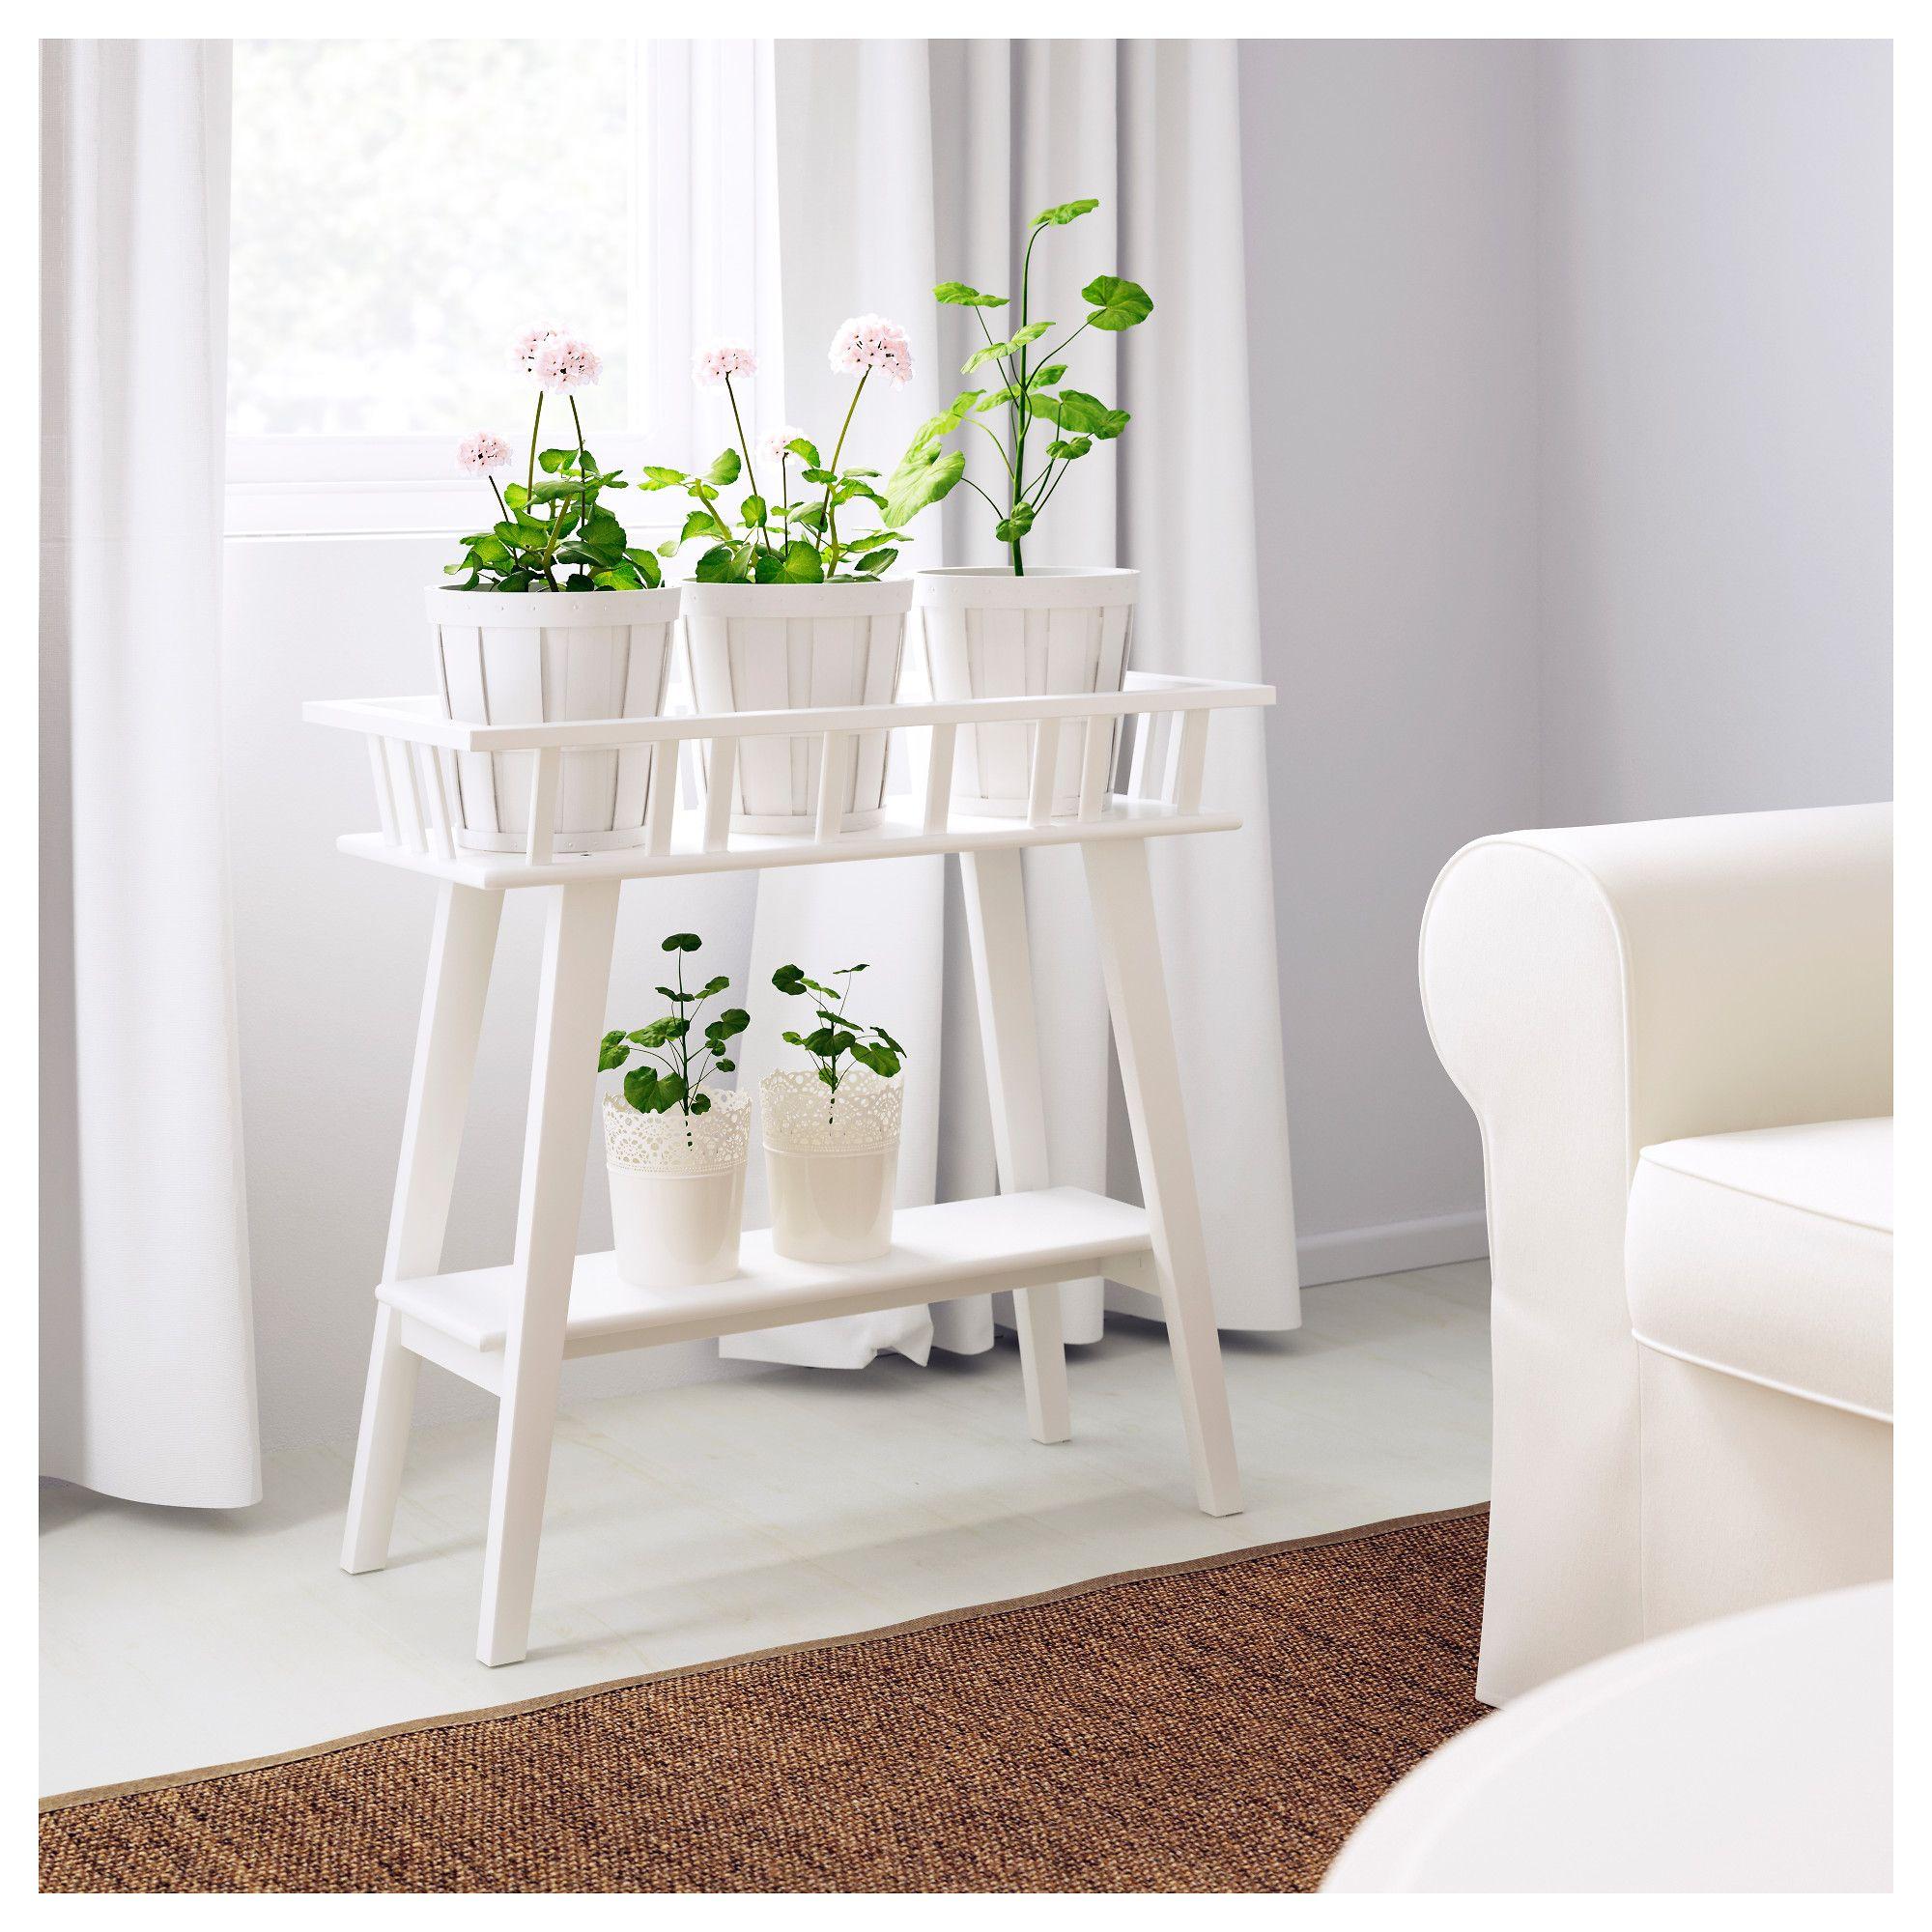 lantliv blumenst nder wei wohnung pinterest blumenst nder raumteiler und reihe. Black Bedroom Furniture Sets. Home Design Ideas